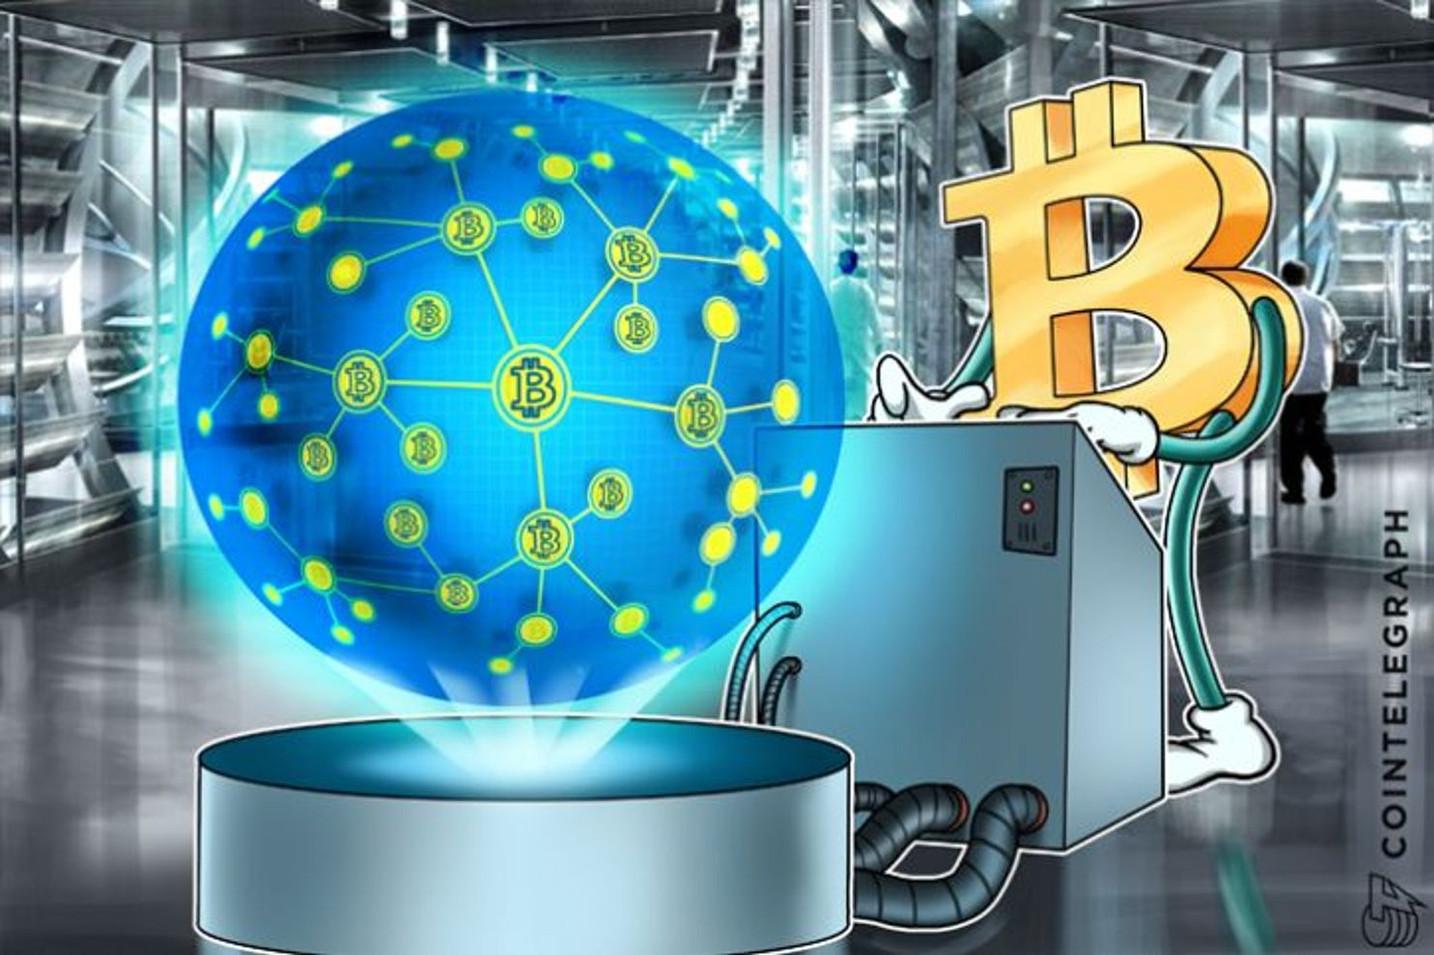 「仮想通貨ビットコイン 年末までに3万ドルに」投資会社パートナーが3つの理由を主張|イーサリアムとXRP(リップル)にも強気